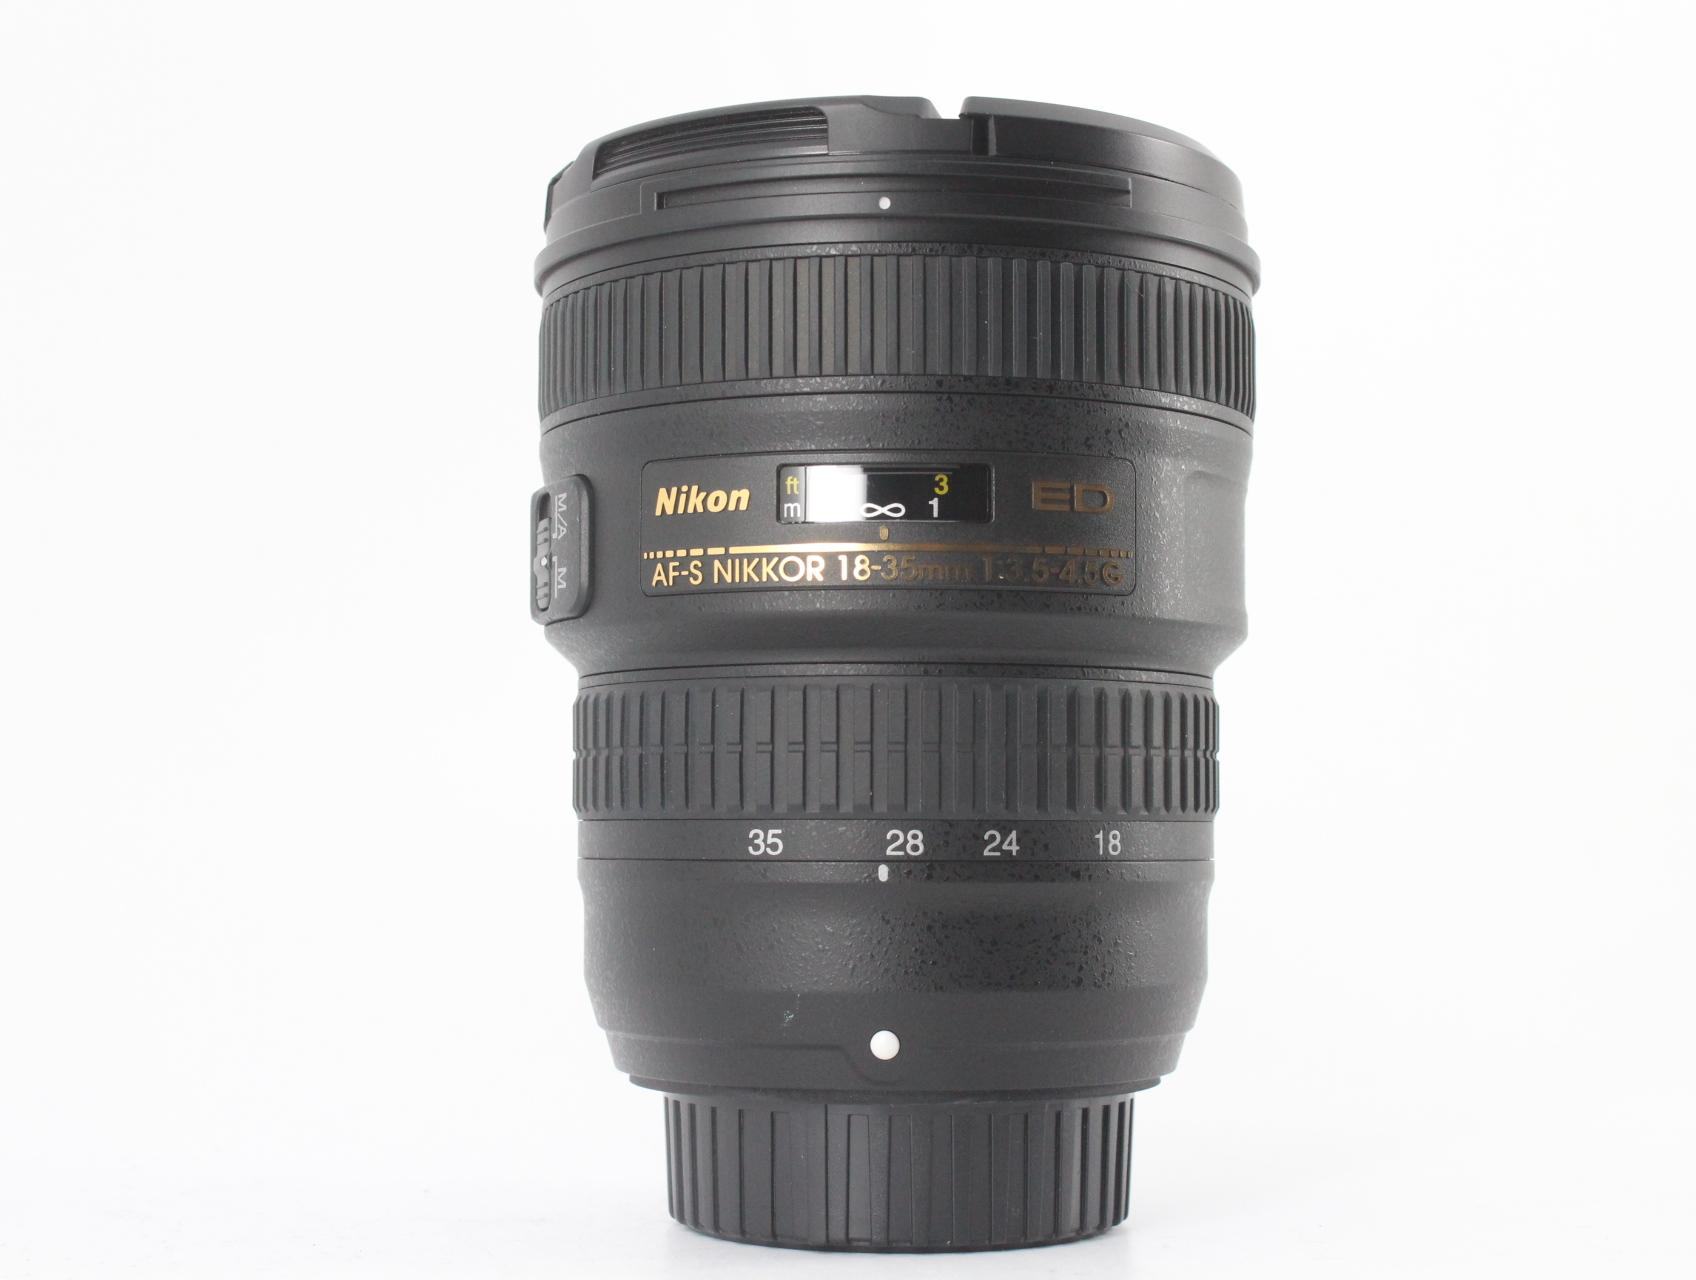 The Nikon D5 Lenses 2 image